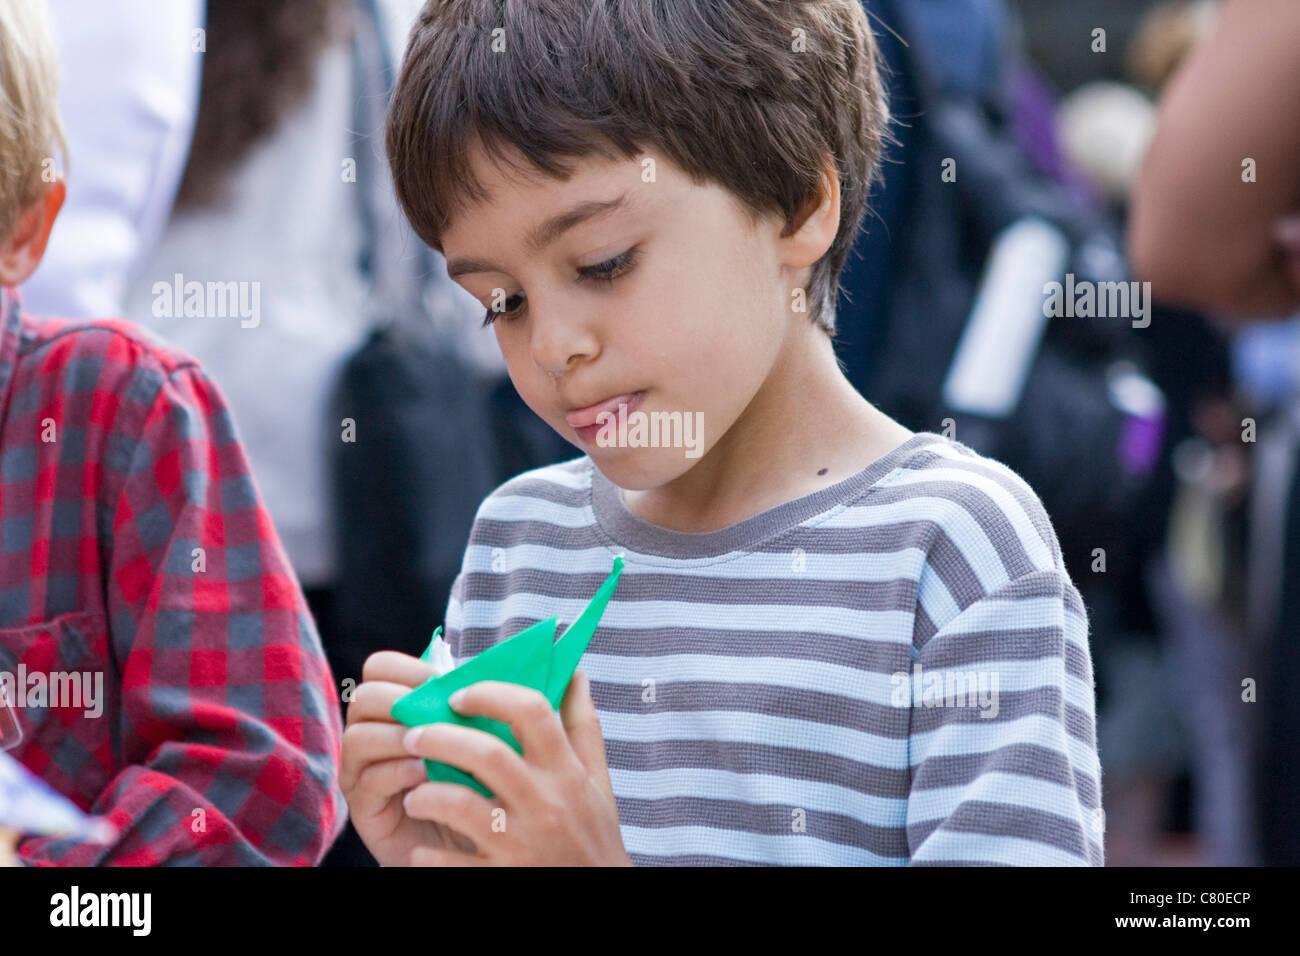 Ein kleiner Junge arbeitet an seinem Origami Papier Kran. Stockbild